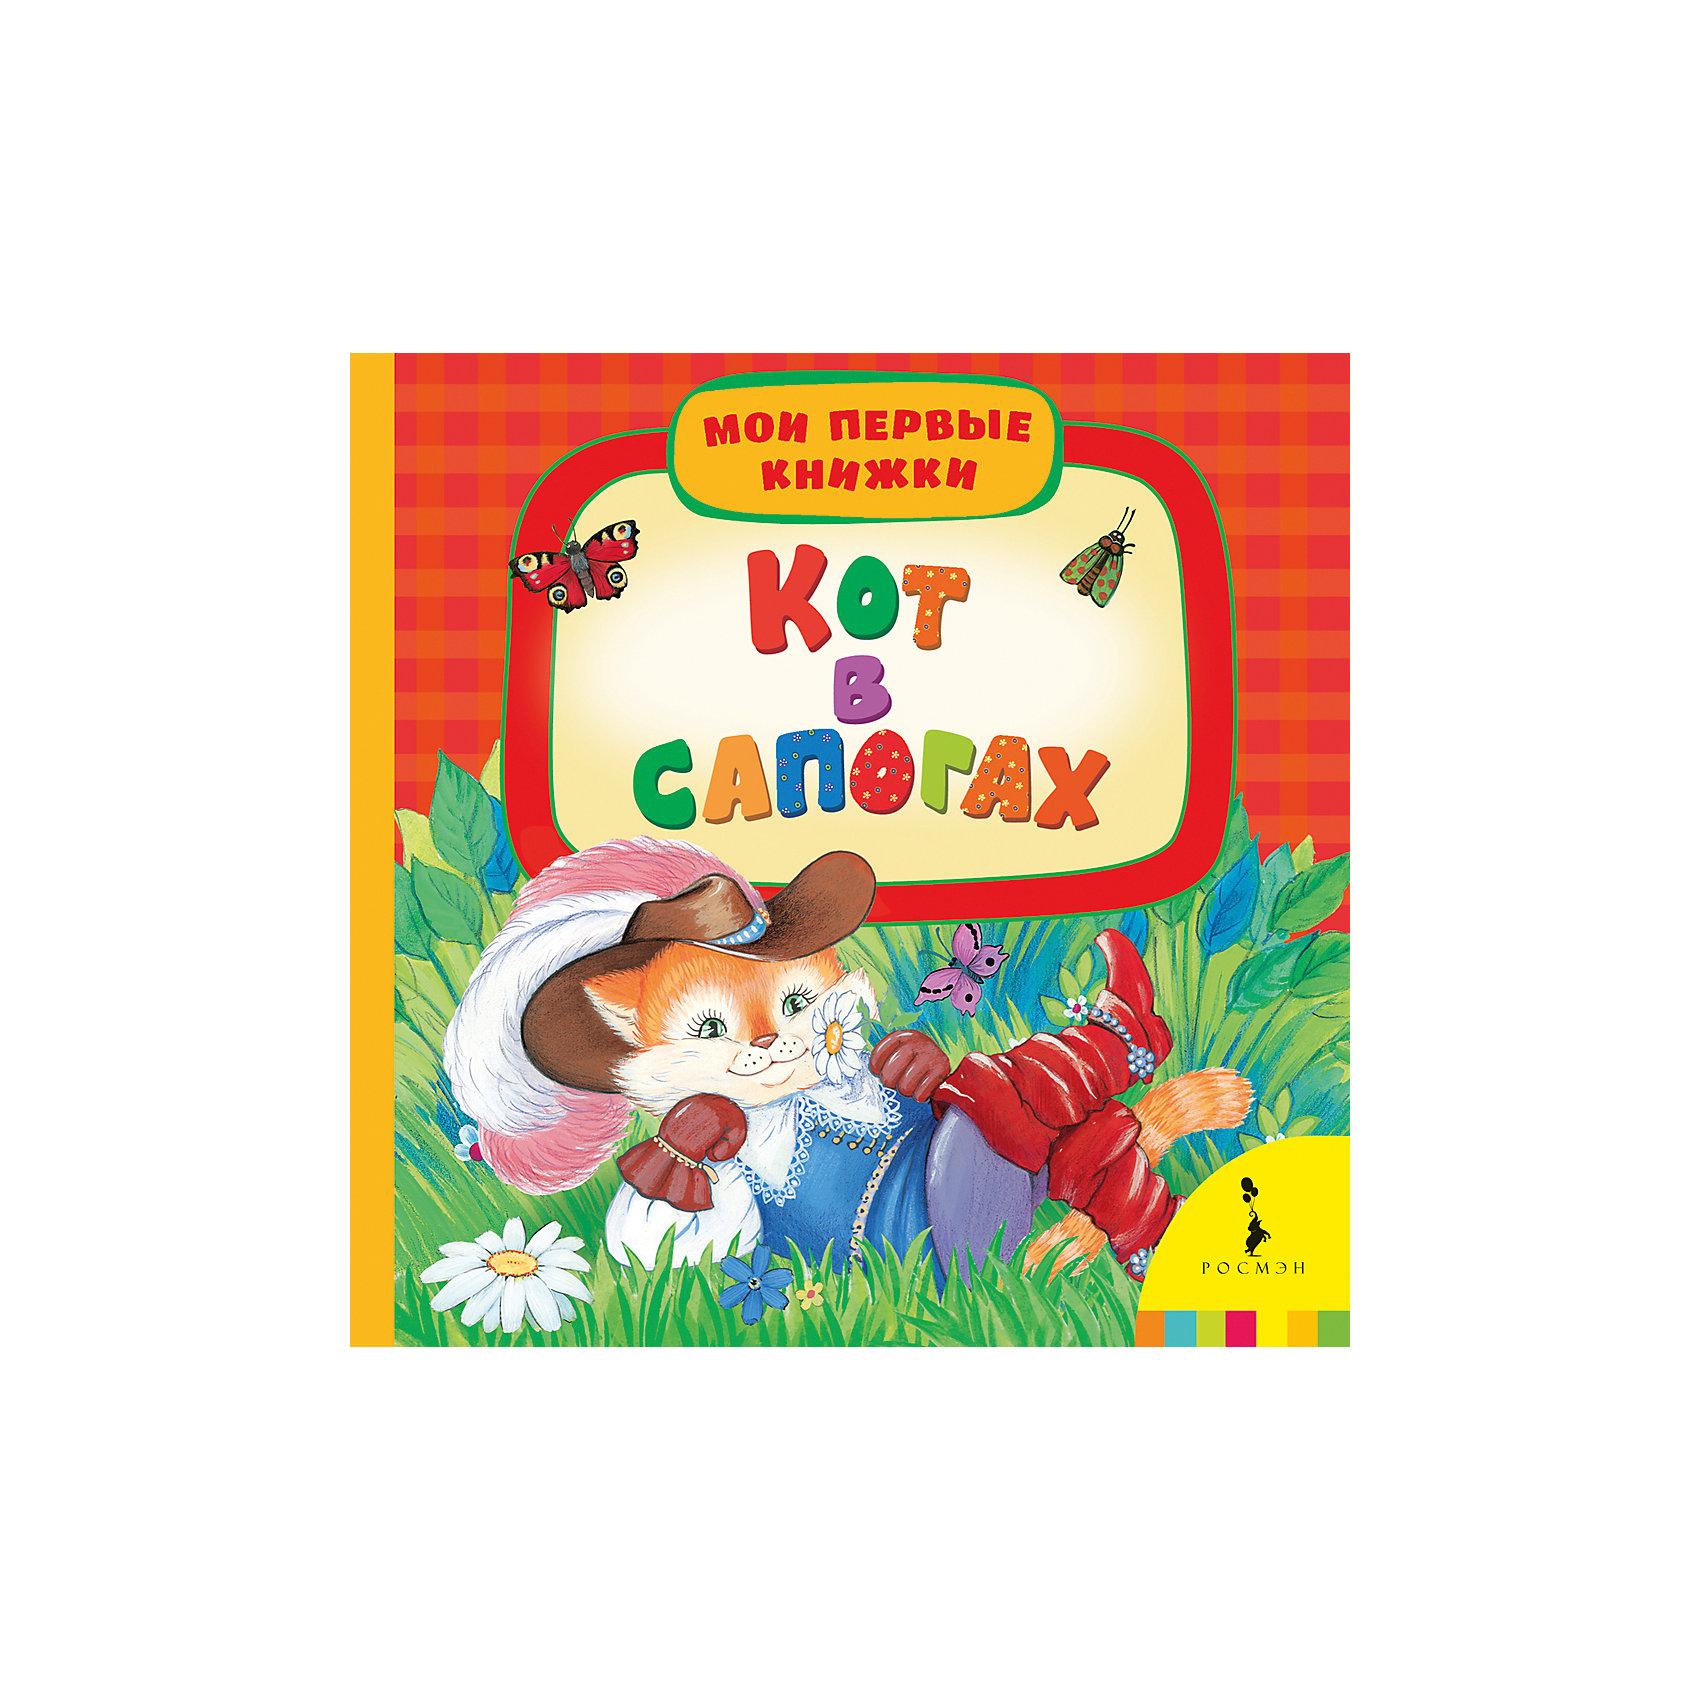 Кот в сапогах, Мои первые книжкиХарактеристики товара:<br><br>- цвет: разноцветный;<br>- материал: бумага;<br>- страниц: 14;<br>- формат: 17 х 17 см;<br>- обложка: картон;<br>- возраст: от 1 года. <br><br>Издания серии Мои первые книжки - отличный способ занять ребенка! Эта красочная книга станет отличным подарком для родителей и малыша. Она содержит в себе известные сказки, которые так любят дети. Отличный способ привить малышу любовь к чтению! Удобный формат и плотные странички позволят брать книгу с собой в поездки.<br>Чтение и рассматривание картинок даже в юном возрасте помогает ребенку развивать память, концентрацию внимания и воображение. Издание произведено из качественных материалов, которые безопасны даже для самых маленьких.<br><br>Издание Кот в сапогах , Мои первые книжки от компании Росмэн можно купить в нашем интернет-магазине.<br><br>Ширина мм: 165<br>Глубина мм: 165<br>Высота мм: 18<br>Вес г: 305<br>Возраст от месяцев: 0<br>Возраст до месяцев: 36<br>Пол: Унисекс<br>Возраст: Детский<br>SKU: 5110294